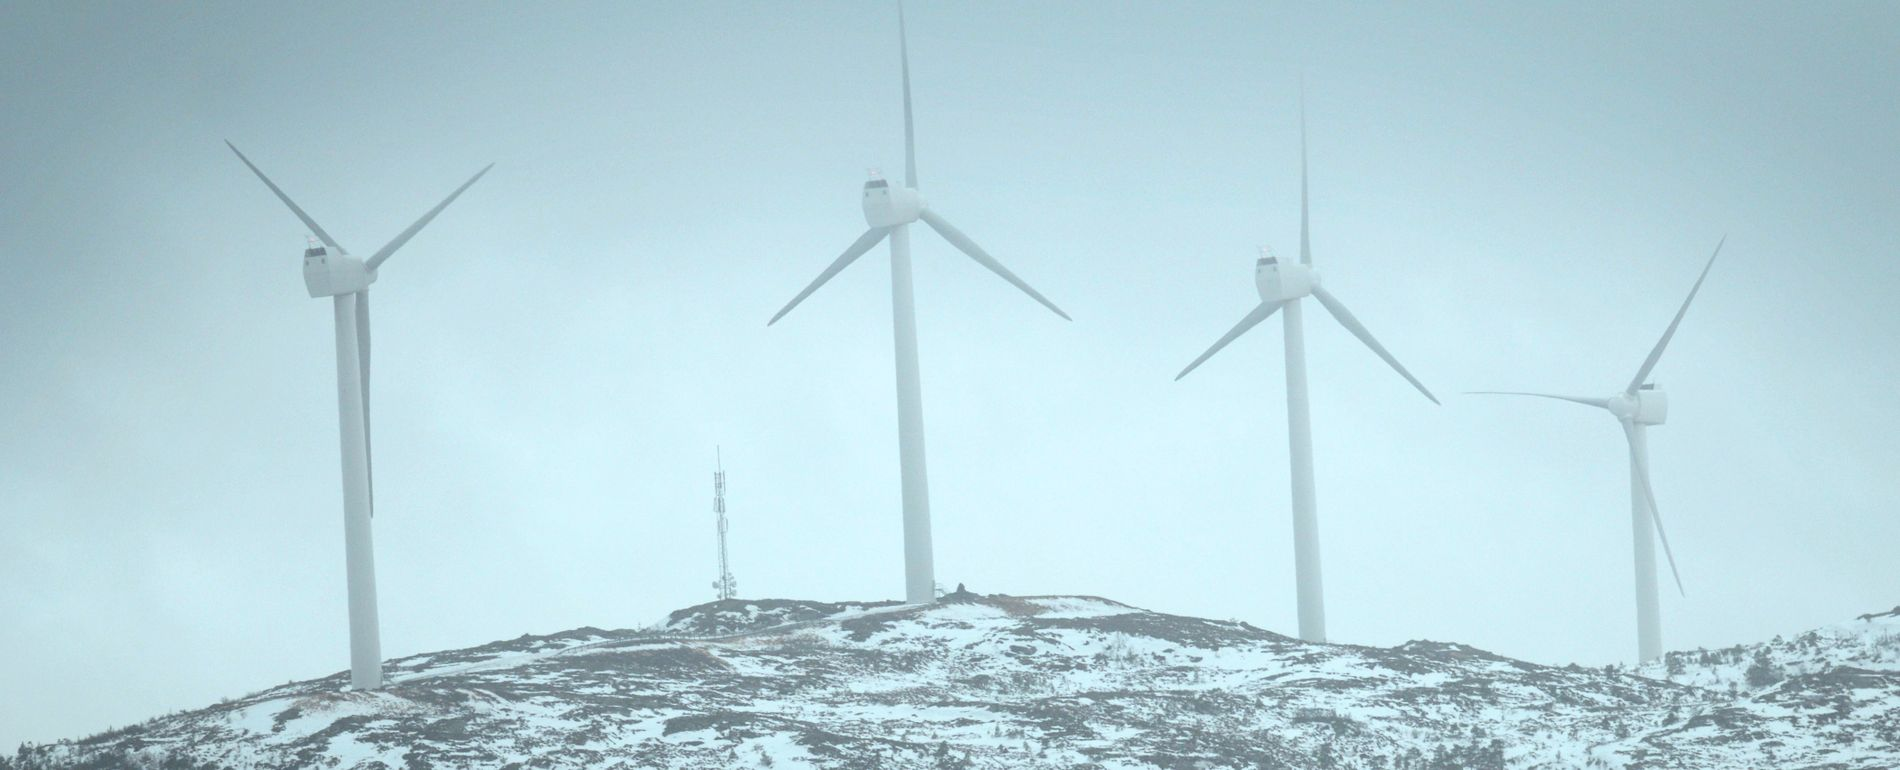 GRØNT SKIFTE: Hundhammerfjellet vindmøllepark i Nord-Trøndelag. Fremtidige vindmølleparker betyr jobbmuligheter både for elektrikere og ingeniører.